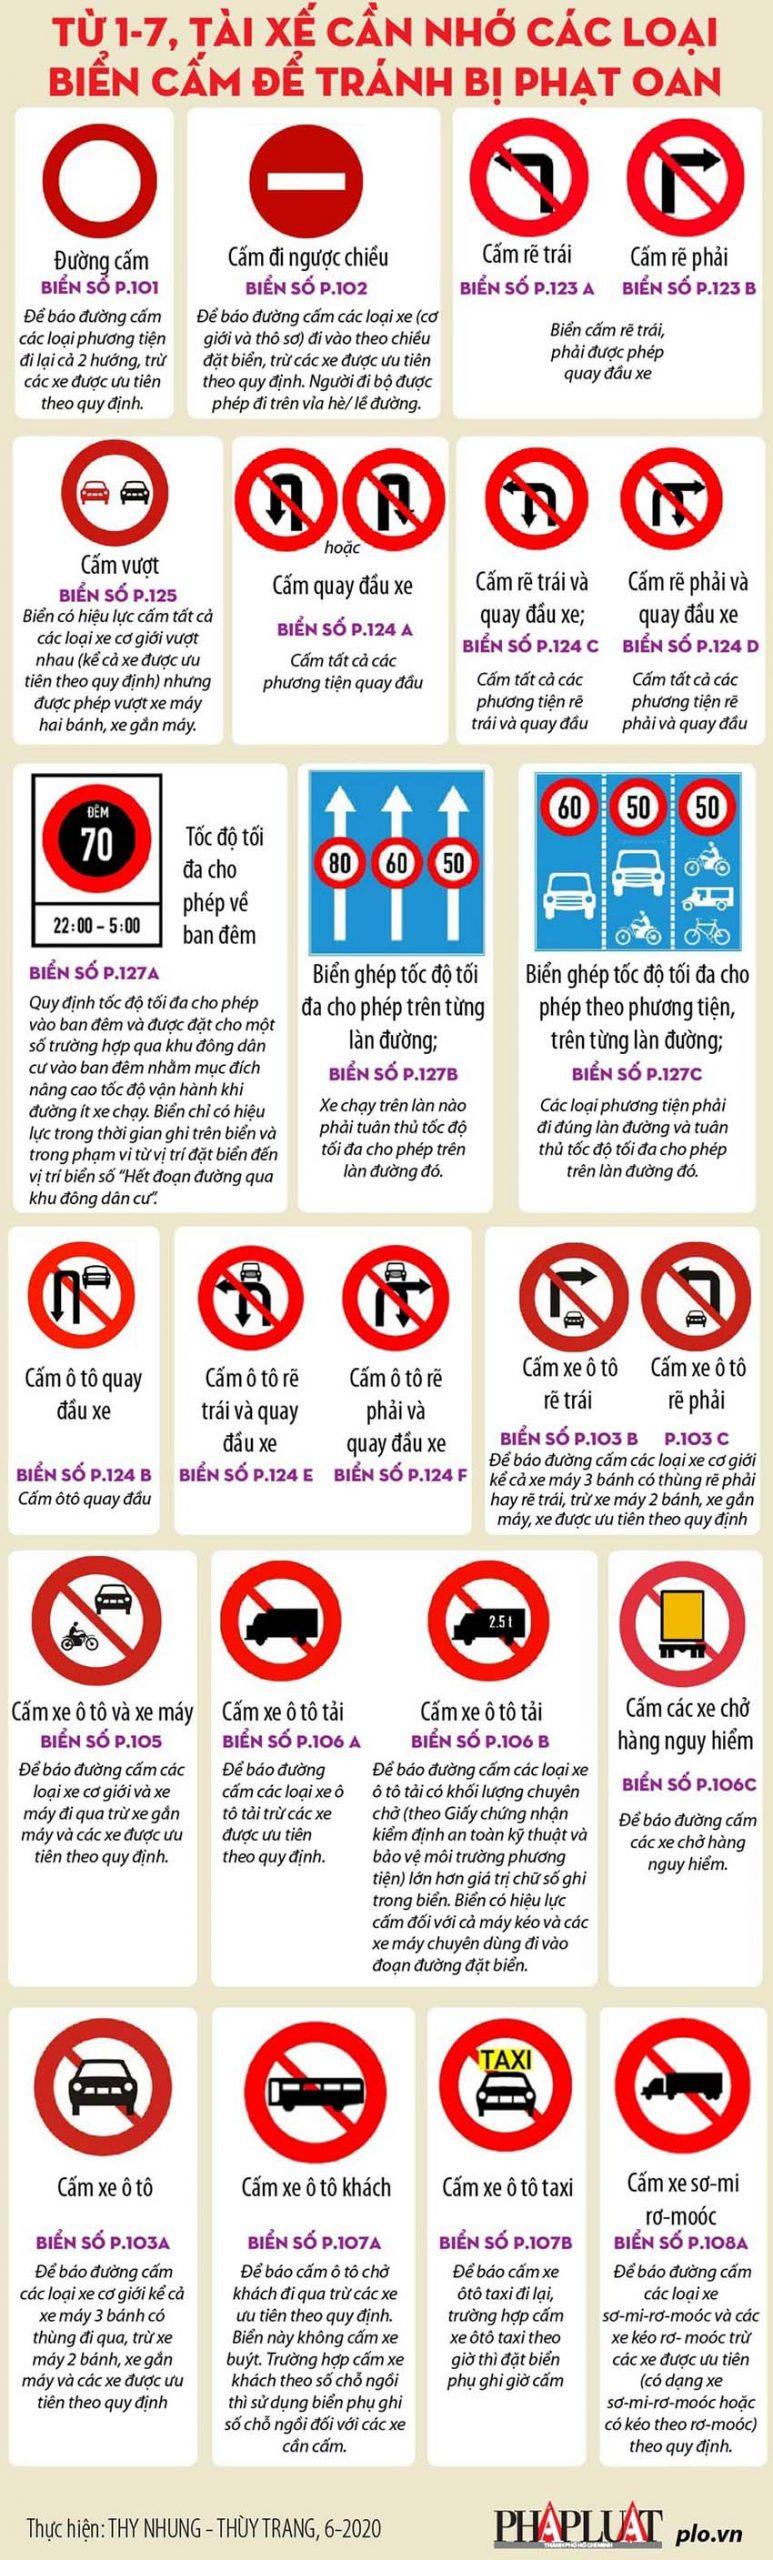 Từ 1.7, tài xế cần nhớ các loại biển cấm để tránh bị phạt oan